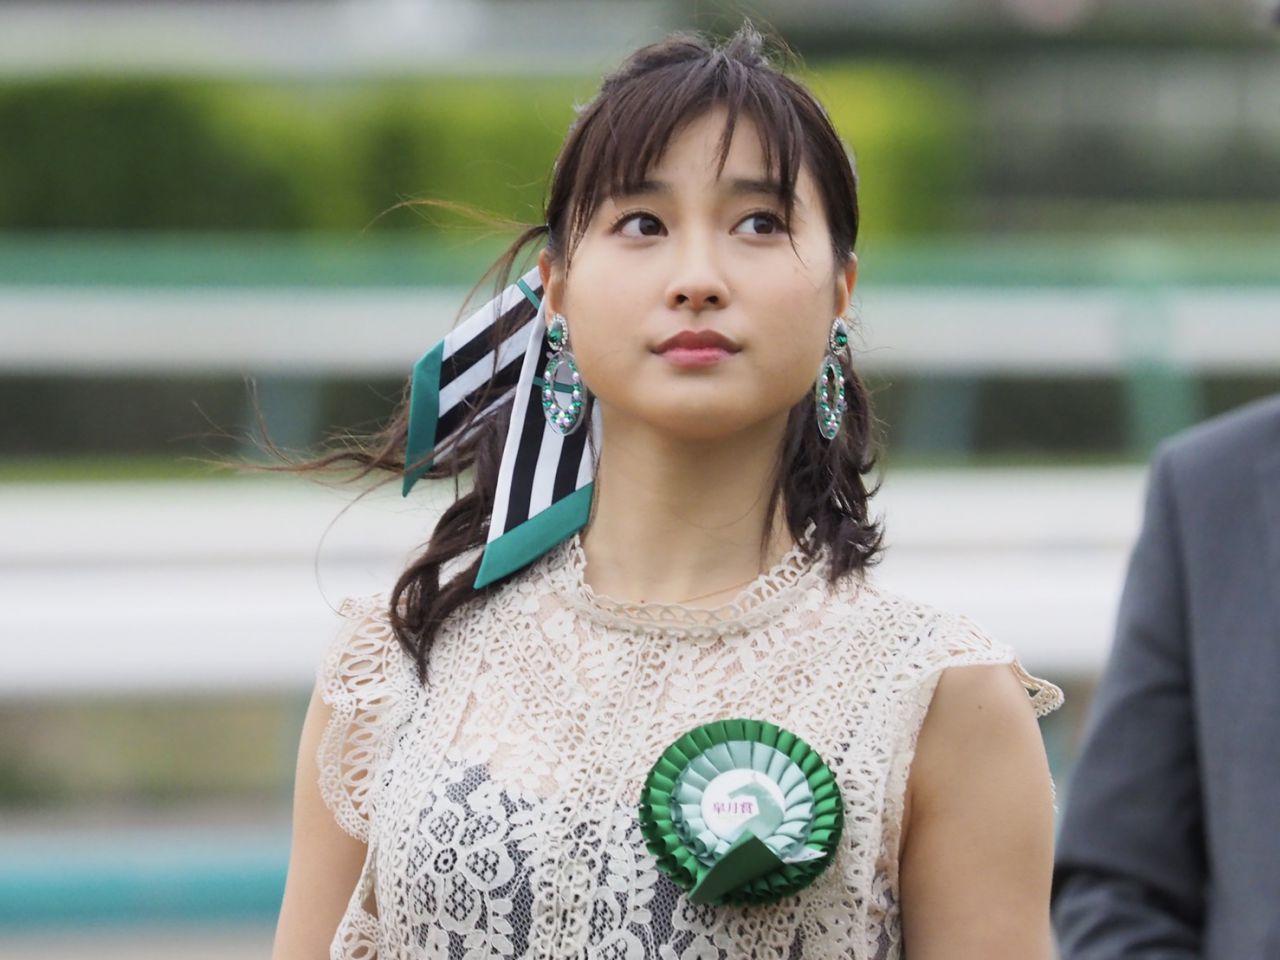 【皐月賞】土屋太鳳さんがプレゼンターとして登壇